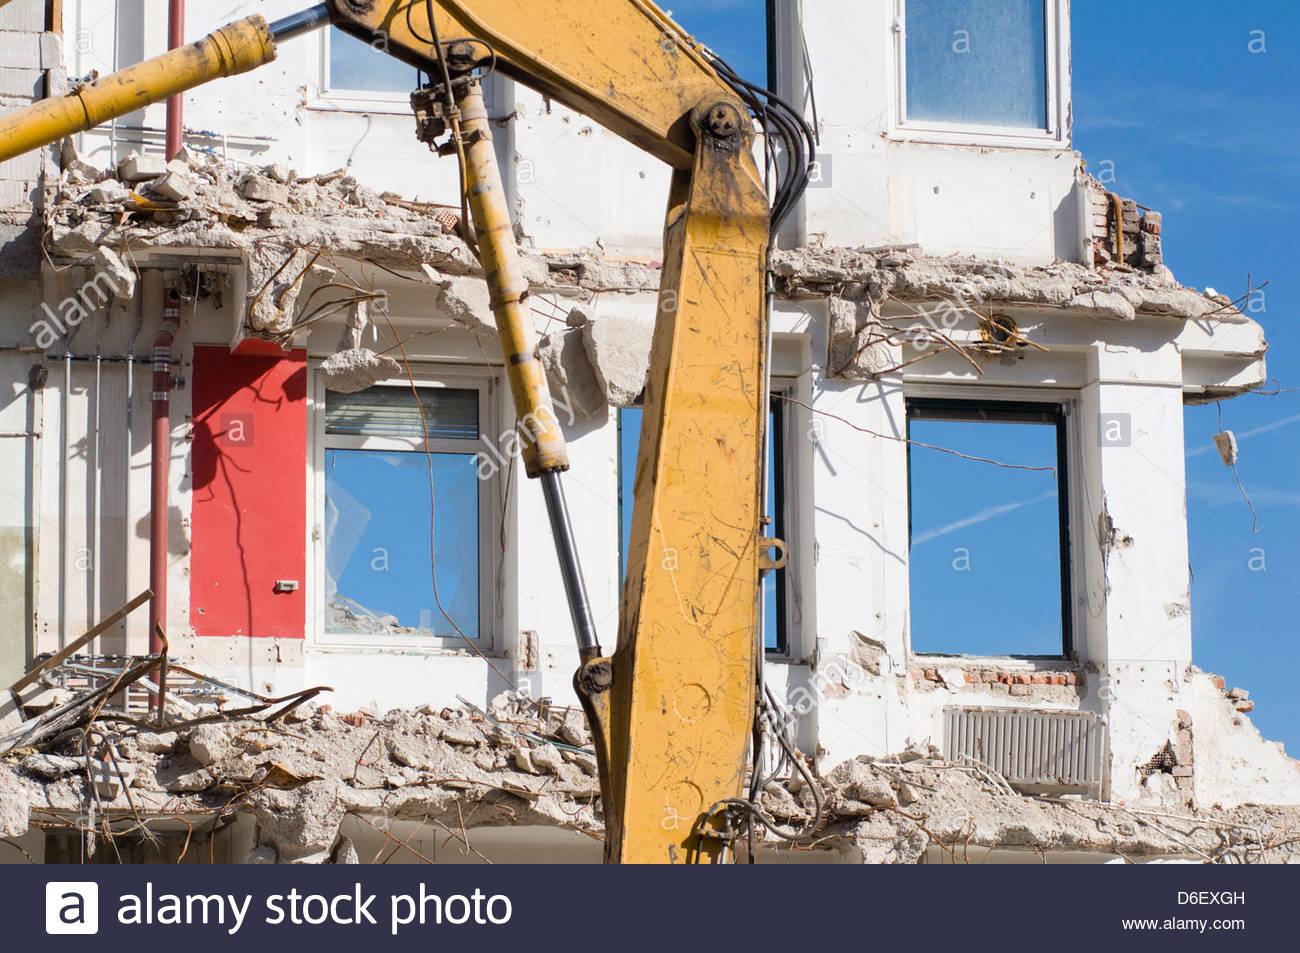 Demolition site digger building destruction old - Stock Image